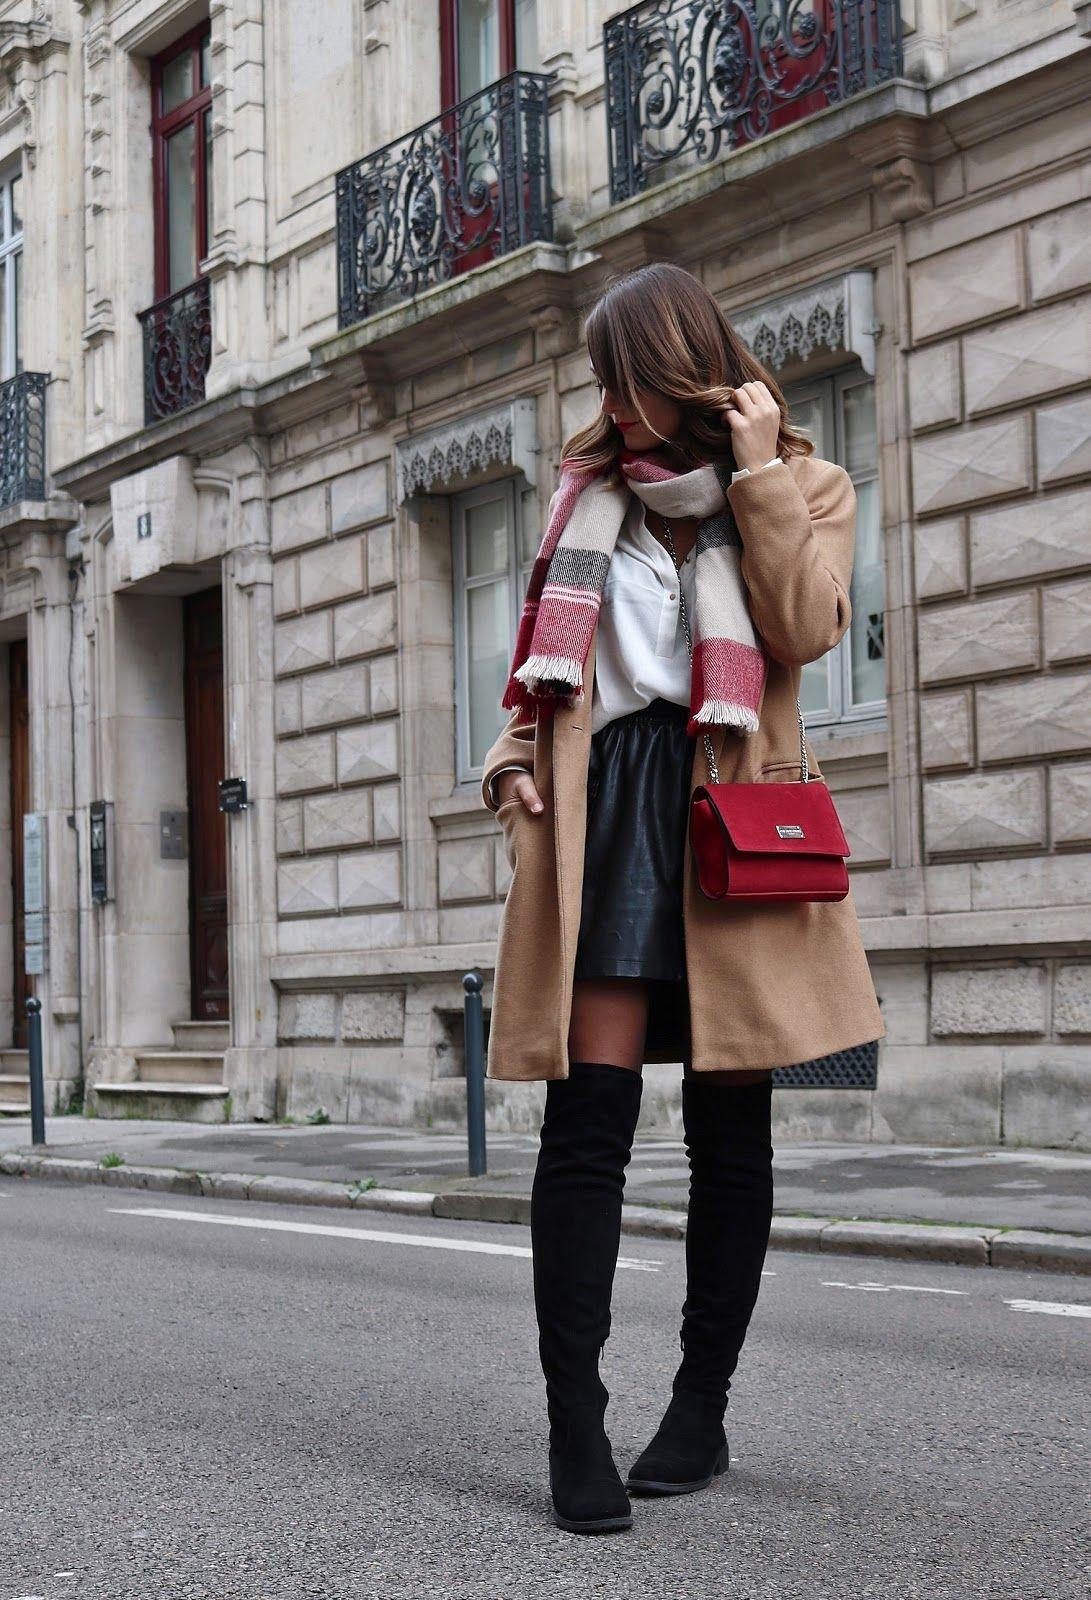 d382cd07bf7 pauline dress blog mode déco lifestyle besancon tenue octobre 2017  cuissardes jupe similicuir blouse blanche manteau camel sac rouge grosse  echarpe rue ...